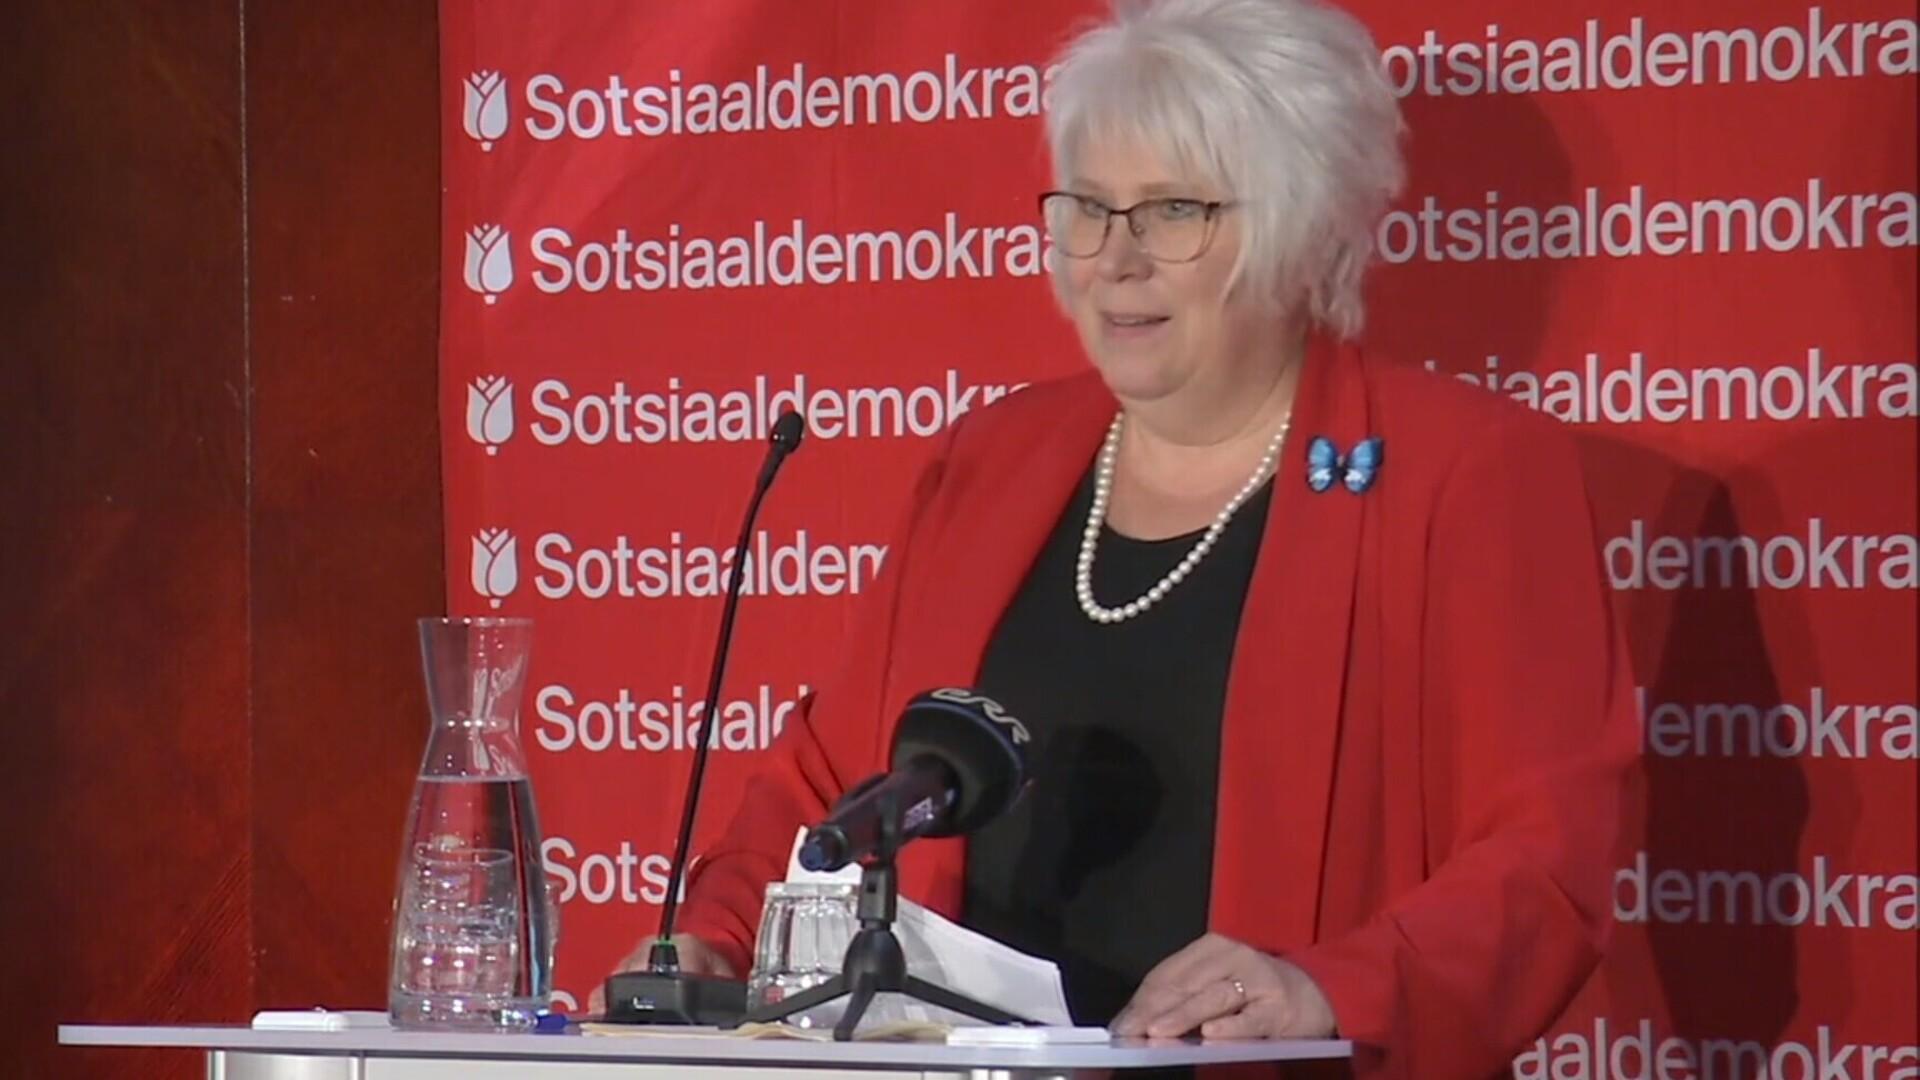 ba020efb4b3 Marina Kaljurand liitus sotsiaaldemokraatidega | Eesti | ERR